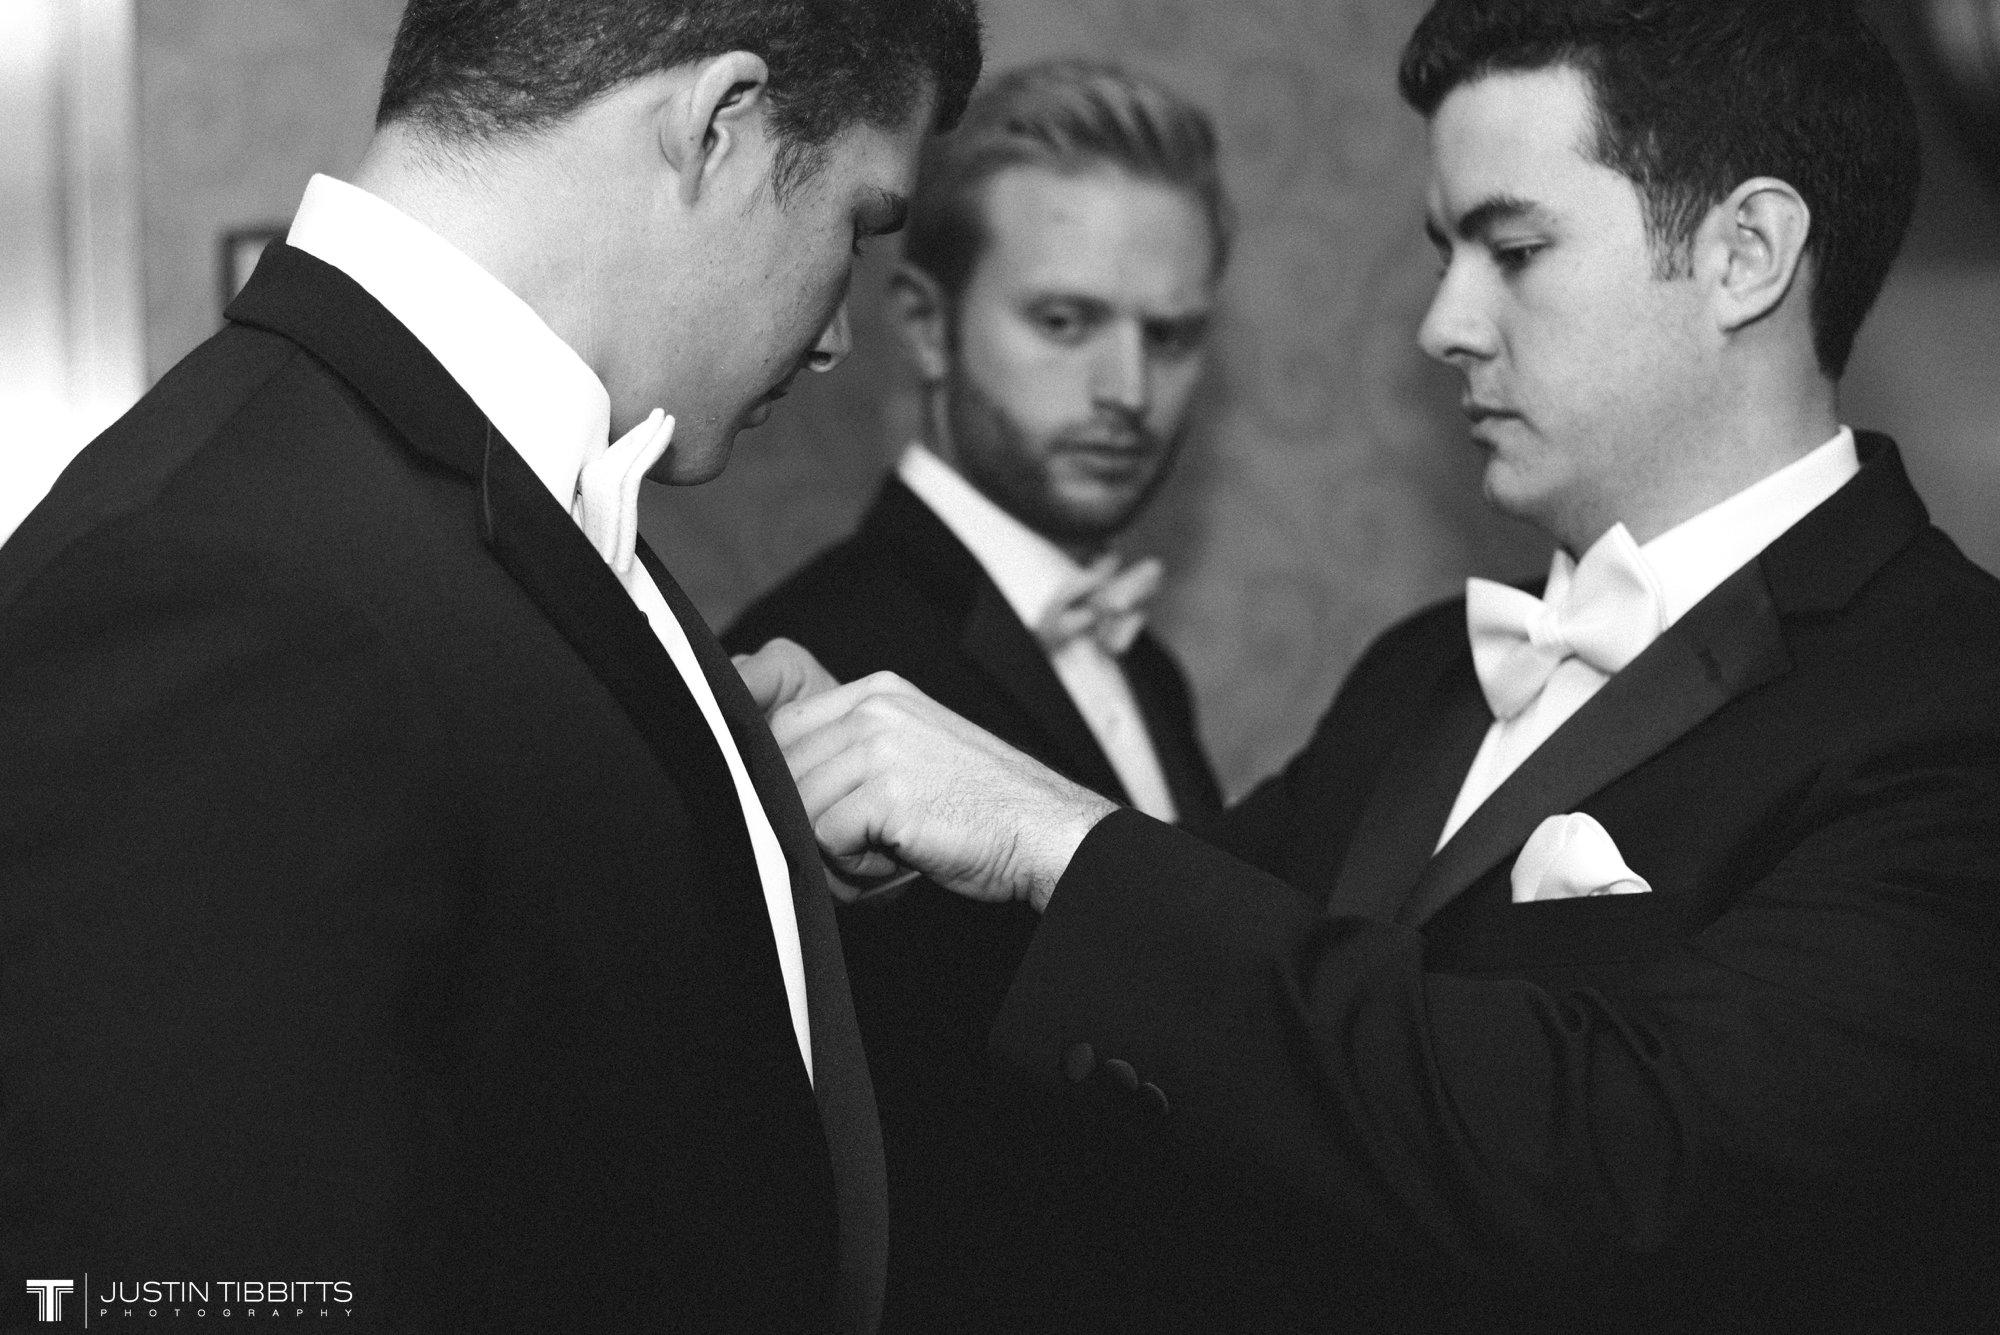 Albany NY Wedding Photographer Justin Tibbitts Photography 2014 Best of Albany NY Weddings-222242